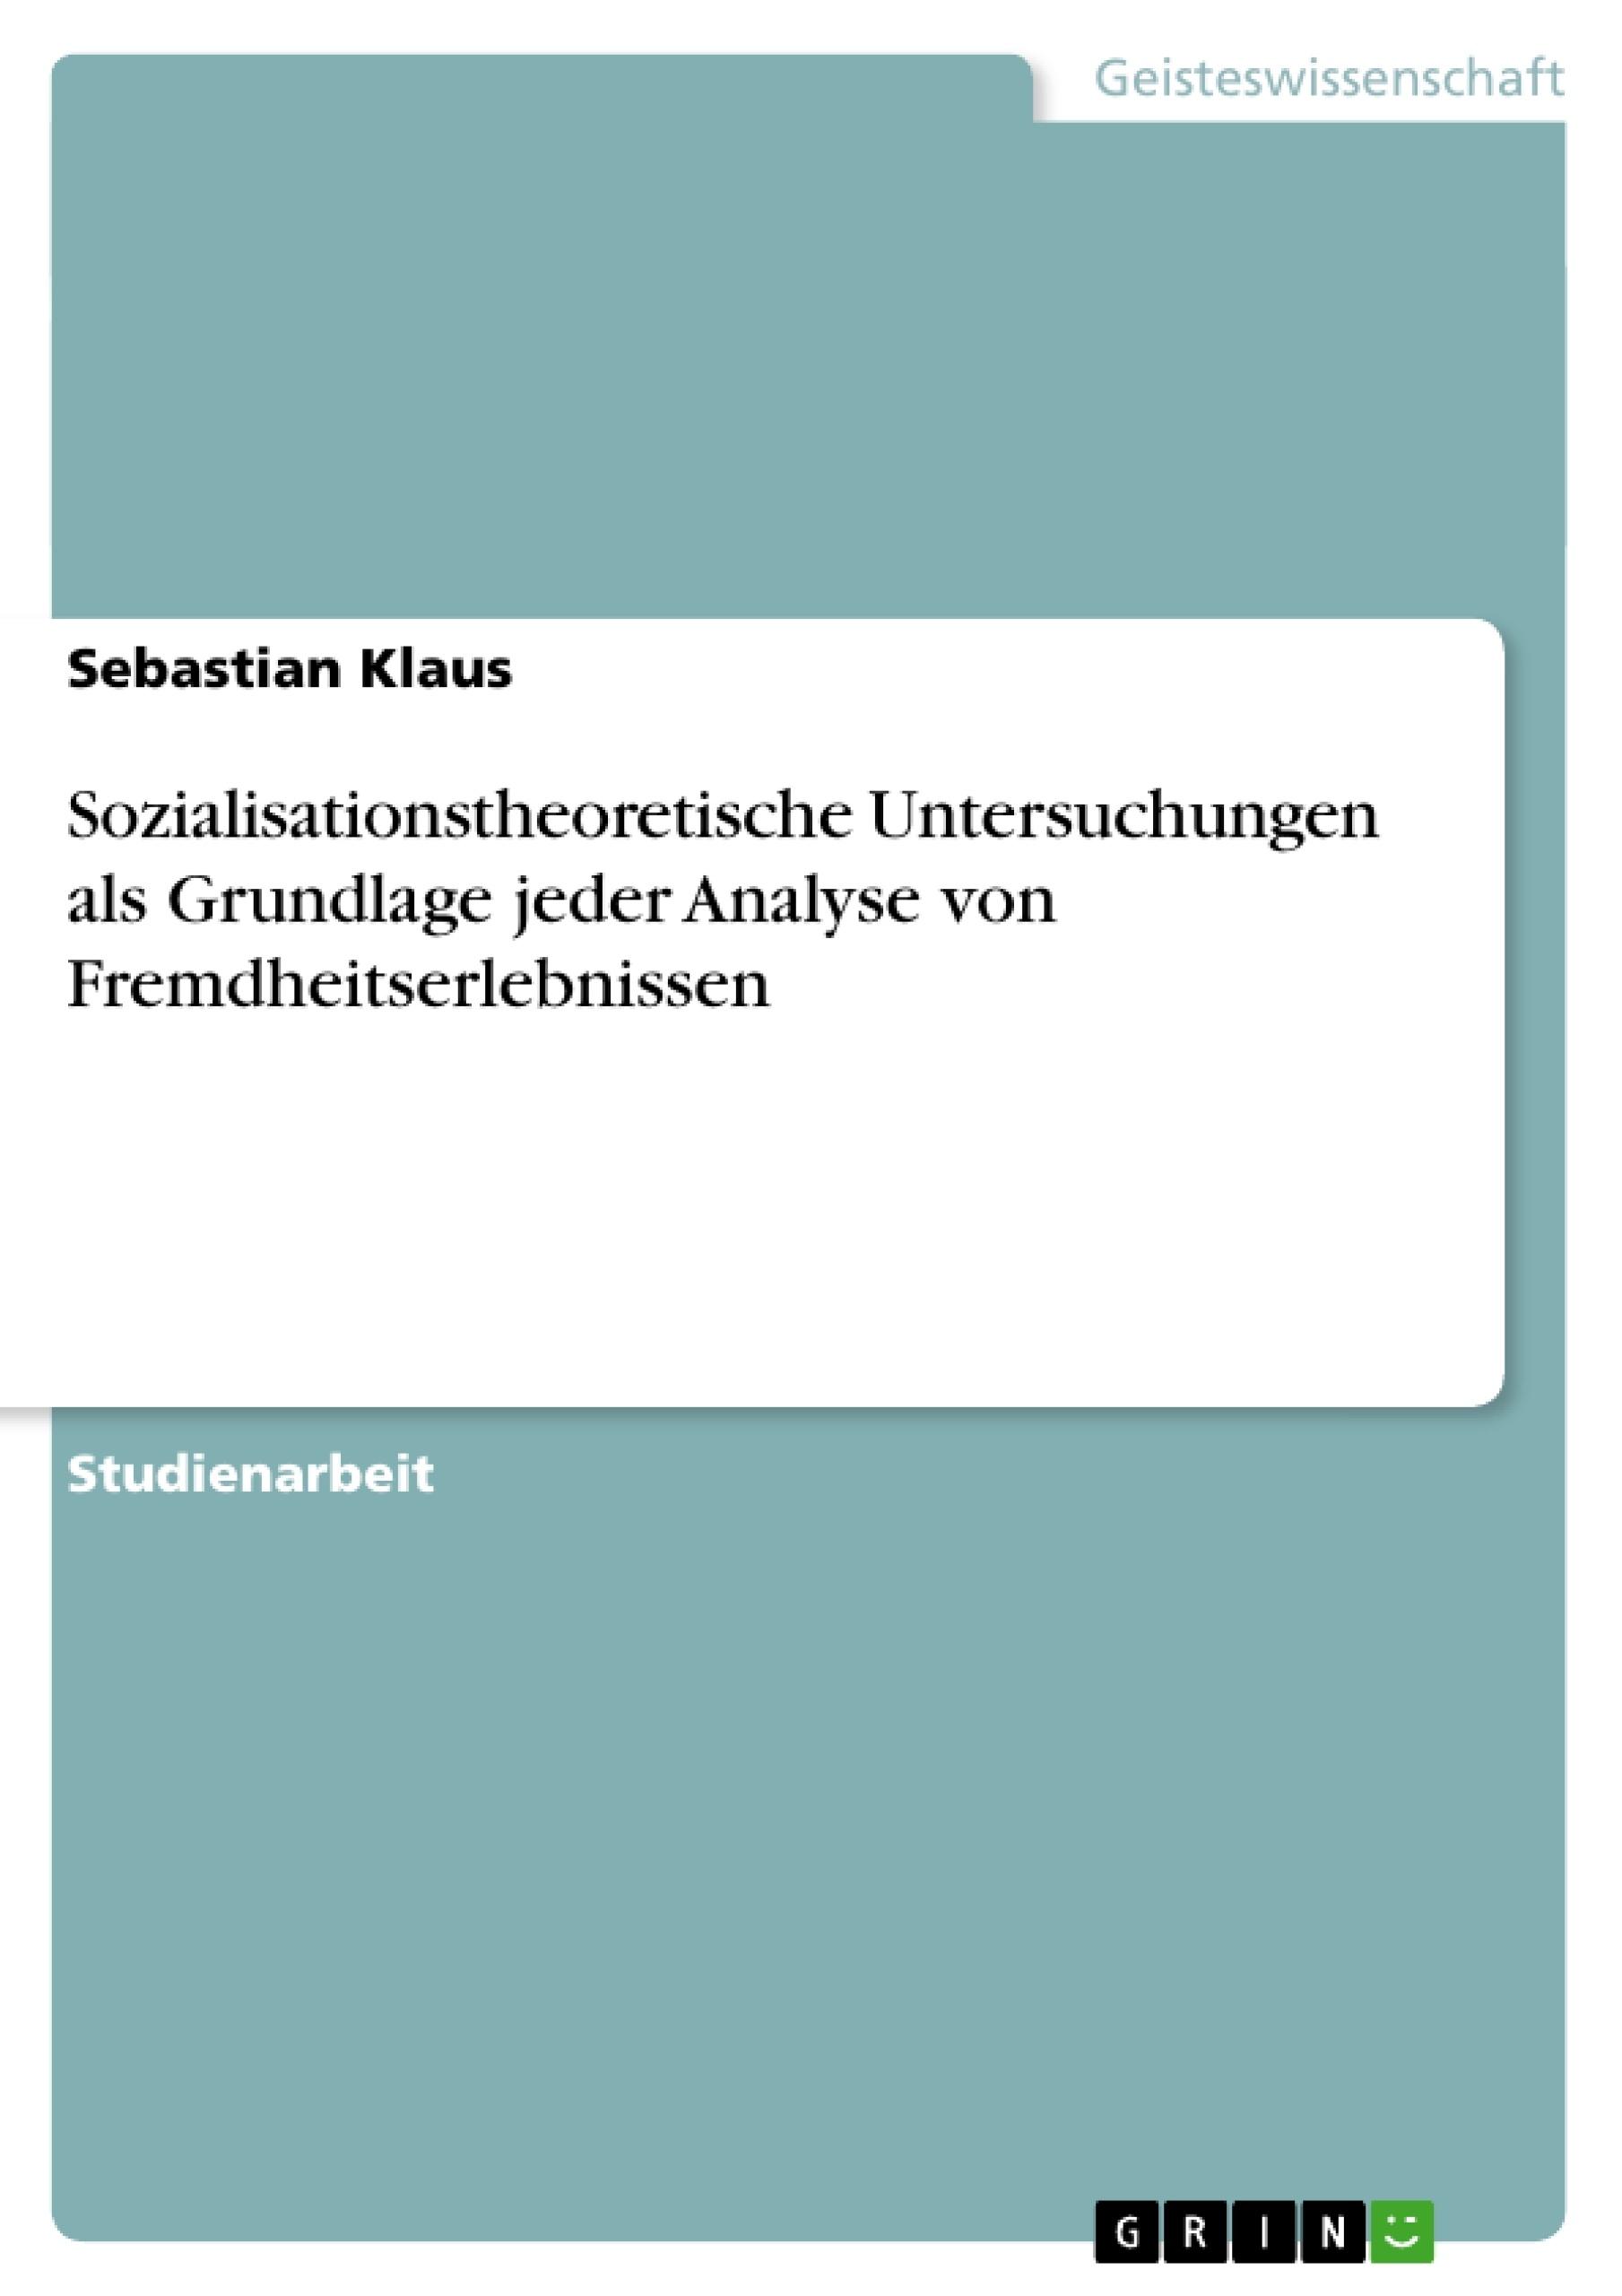 Titel: Sozialisationstheoretische Untersuchungen als Grundlage jeder Analyse von Fremdheitserlebnissen